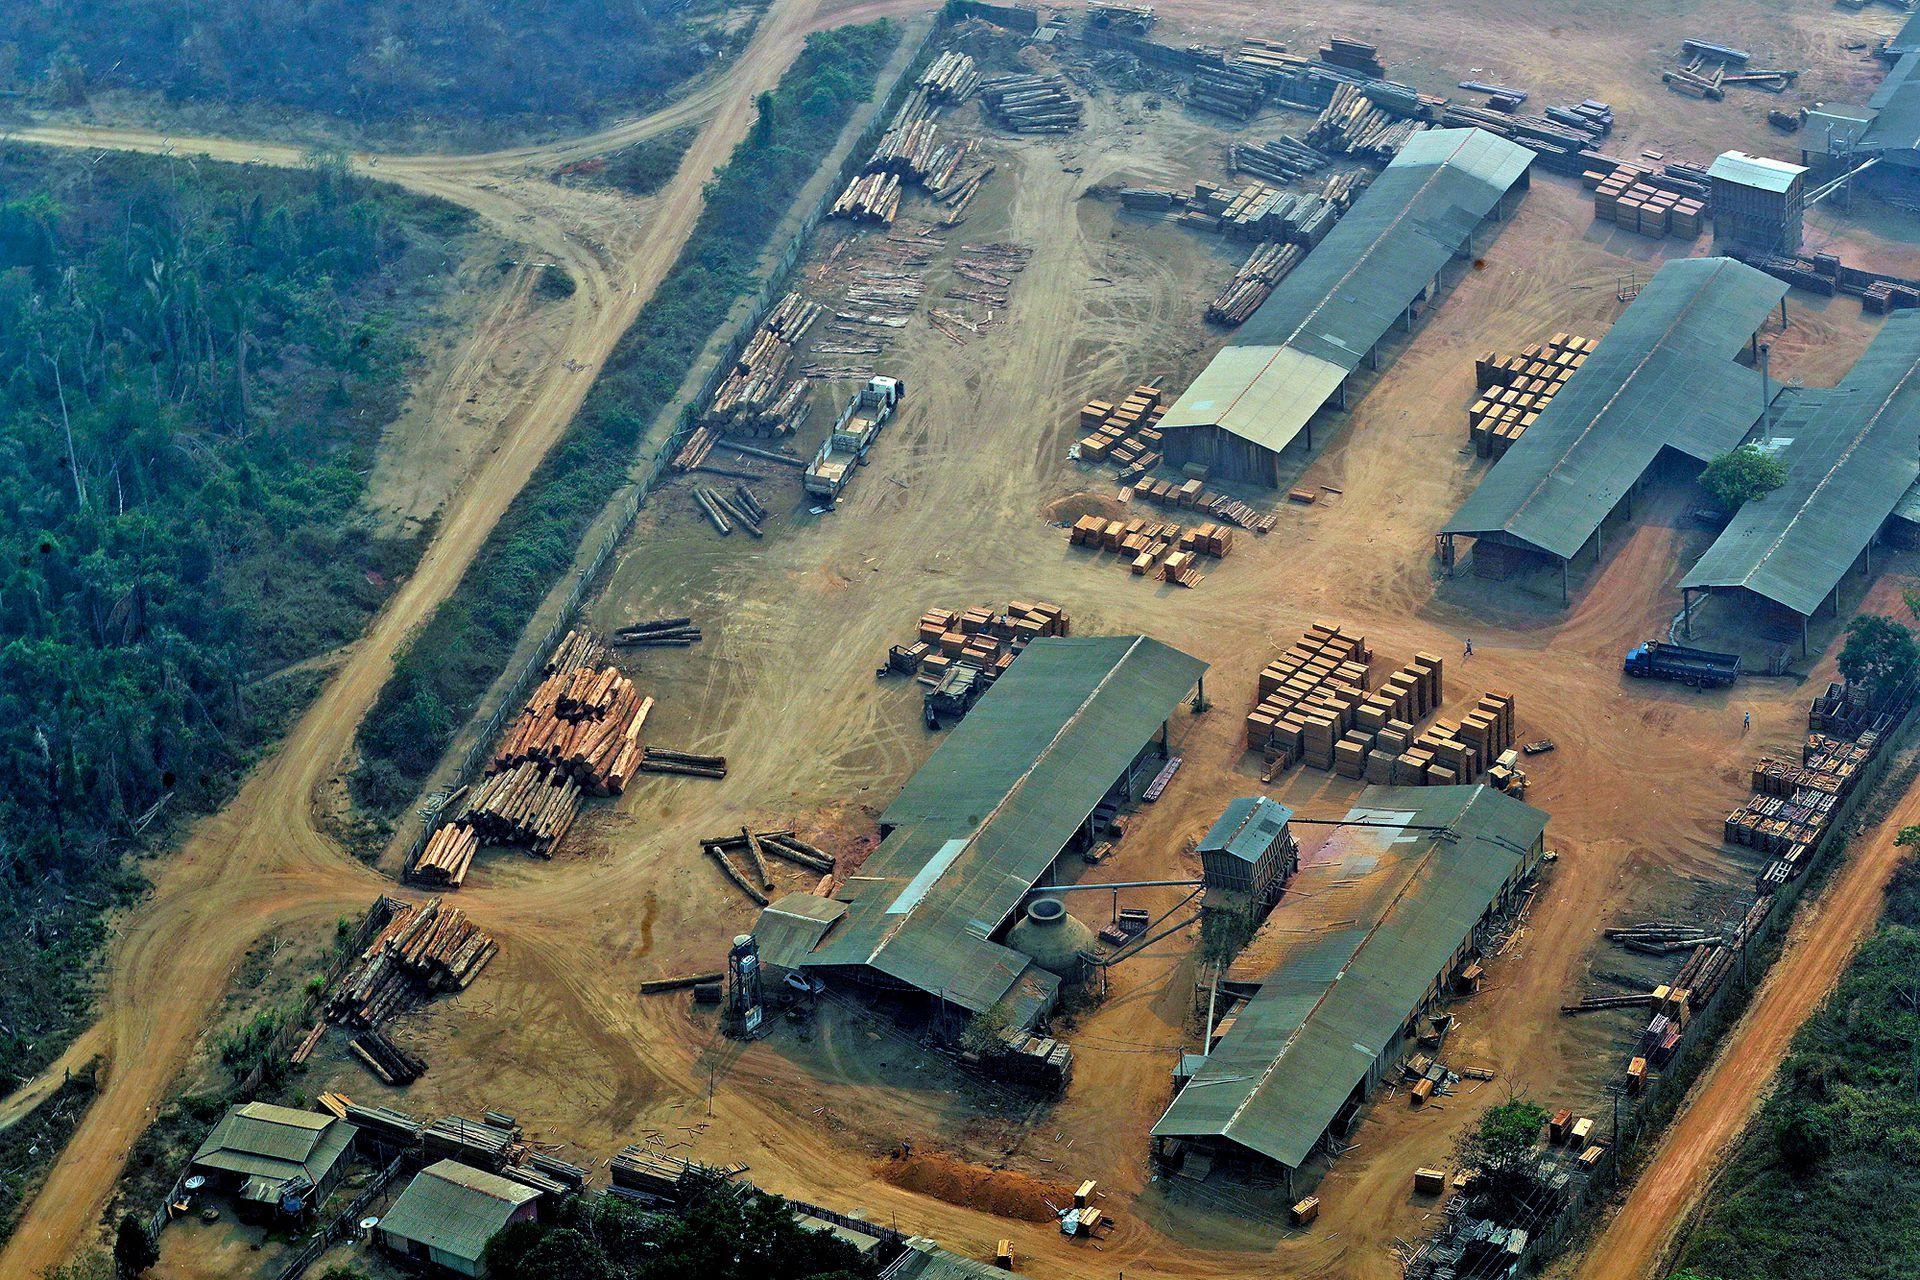 Vista de uno de los tantos aserraderos que hay en el Amazonas, este está ubicado en Jaci Paraná, estado de Rondonia, Brasil,